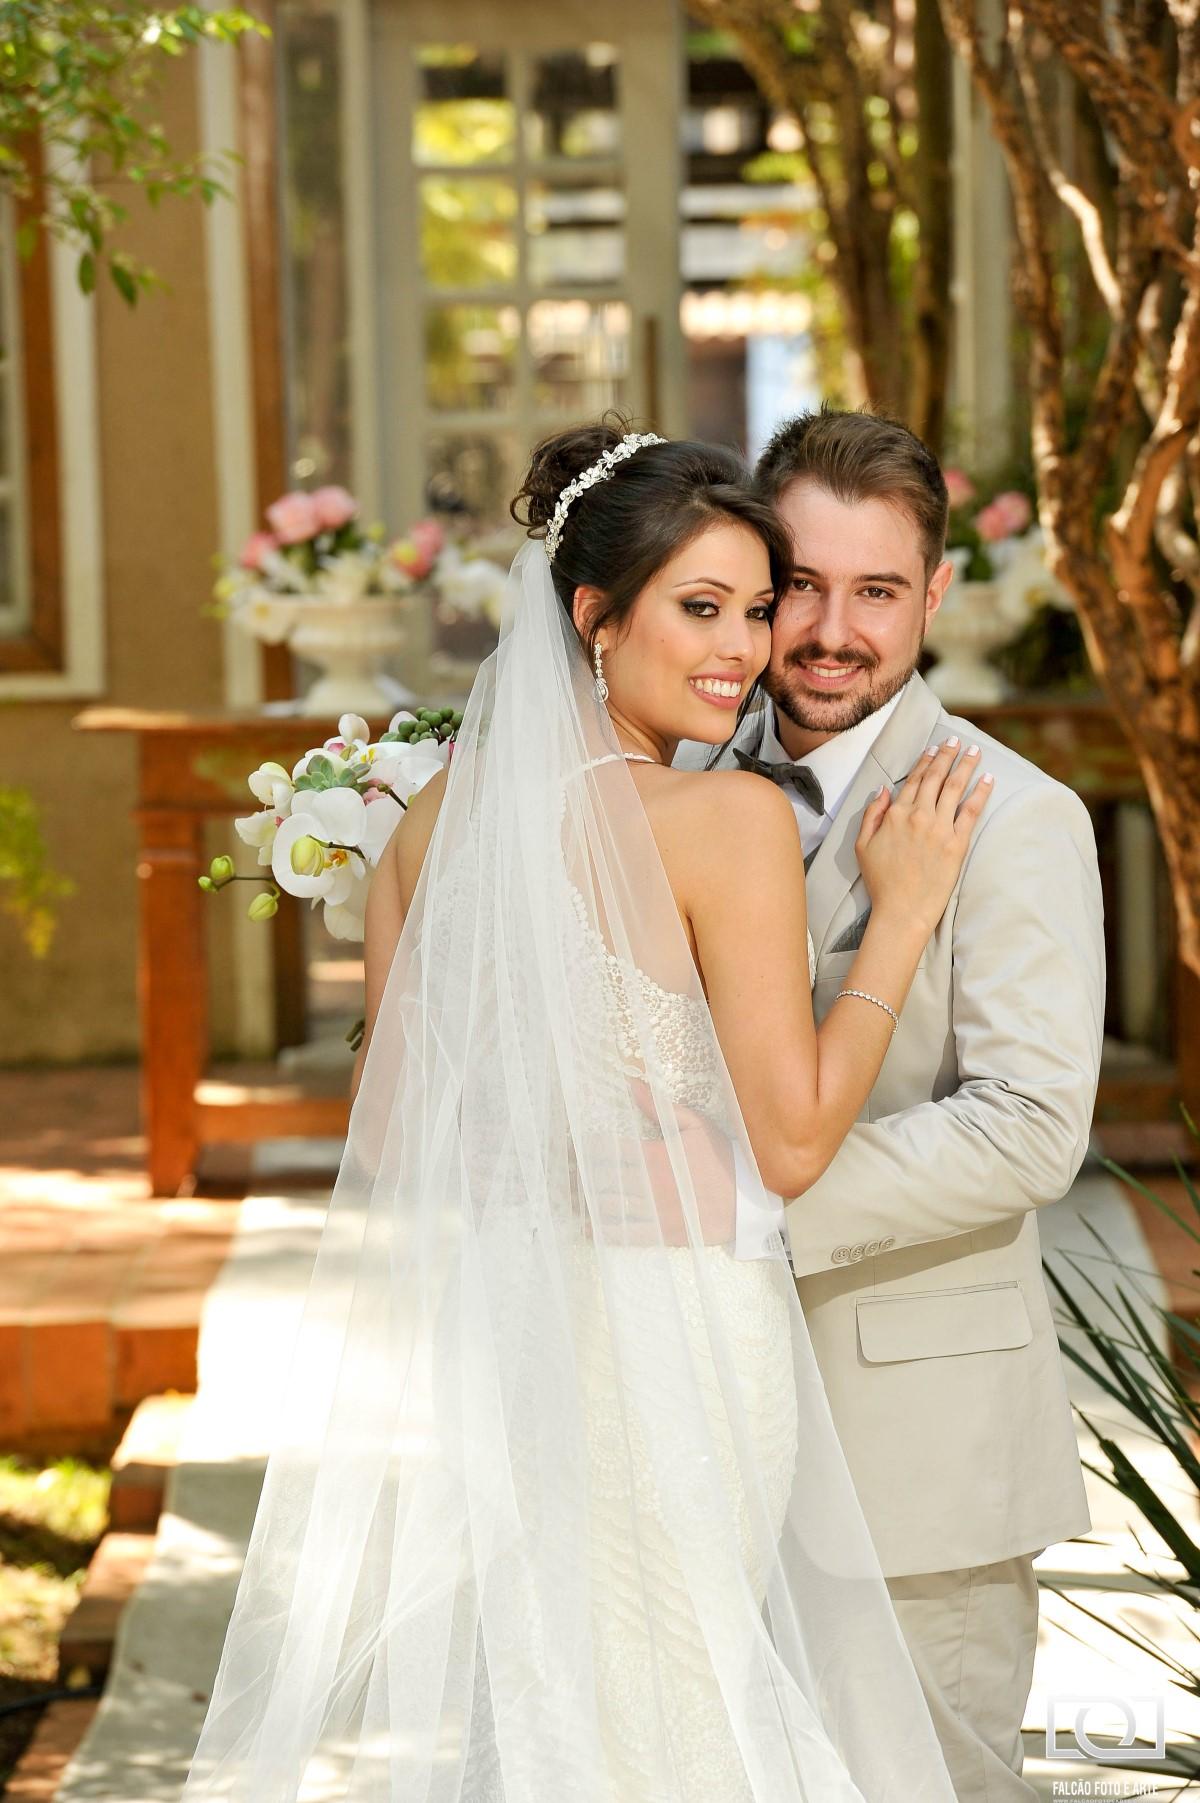 Foto de um noivo e uma noiva abraçados.